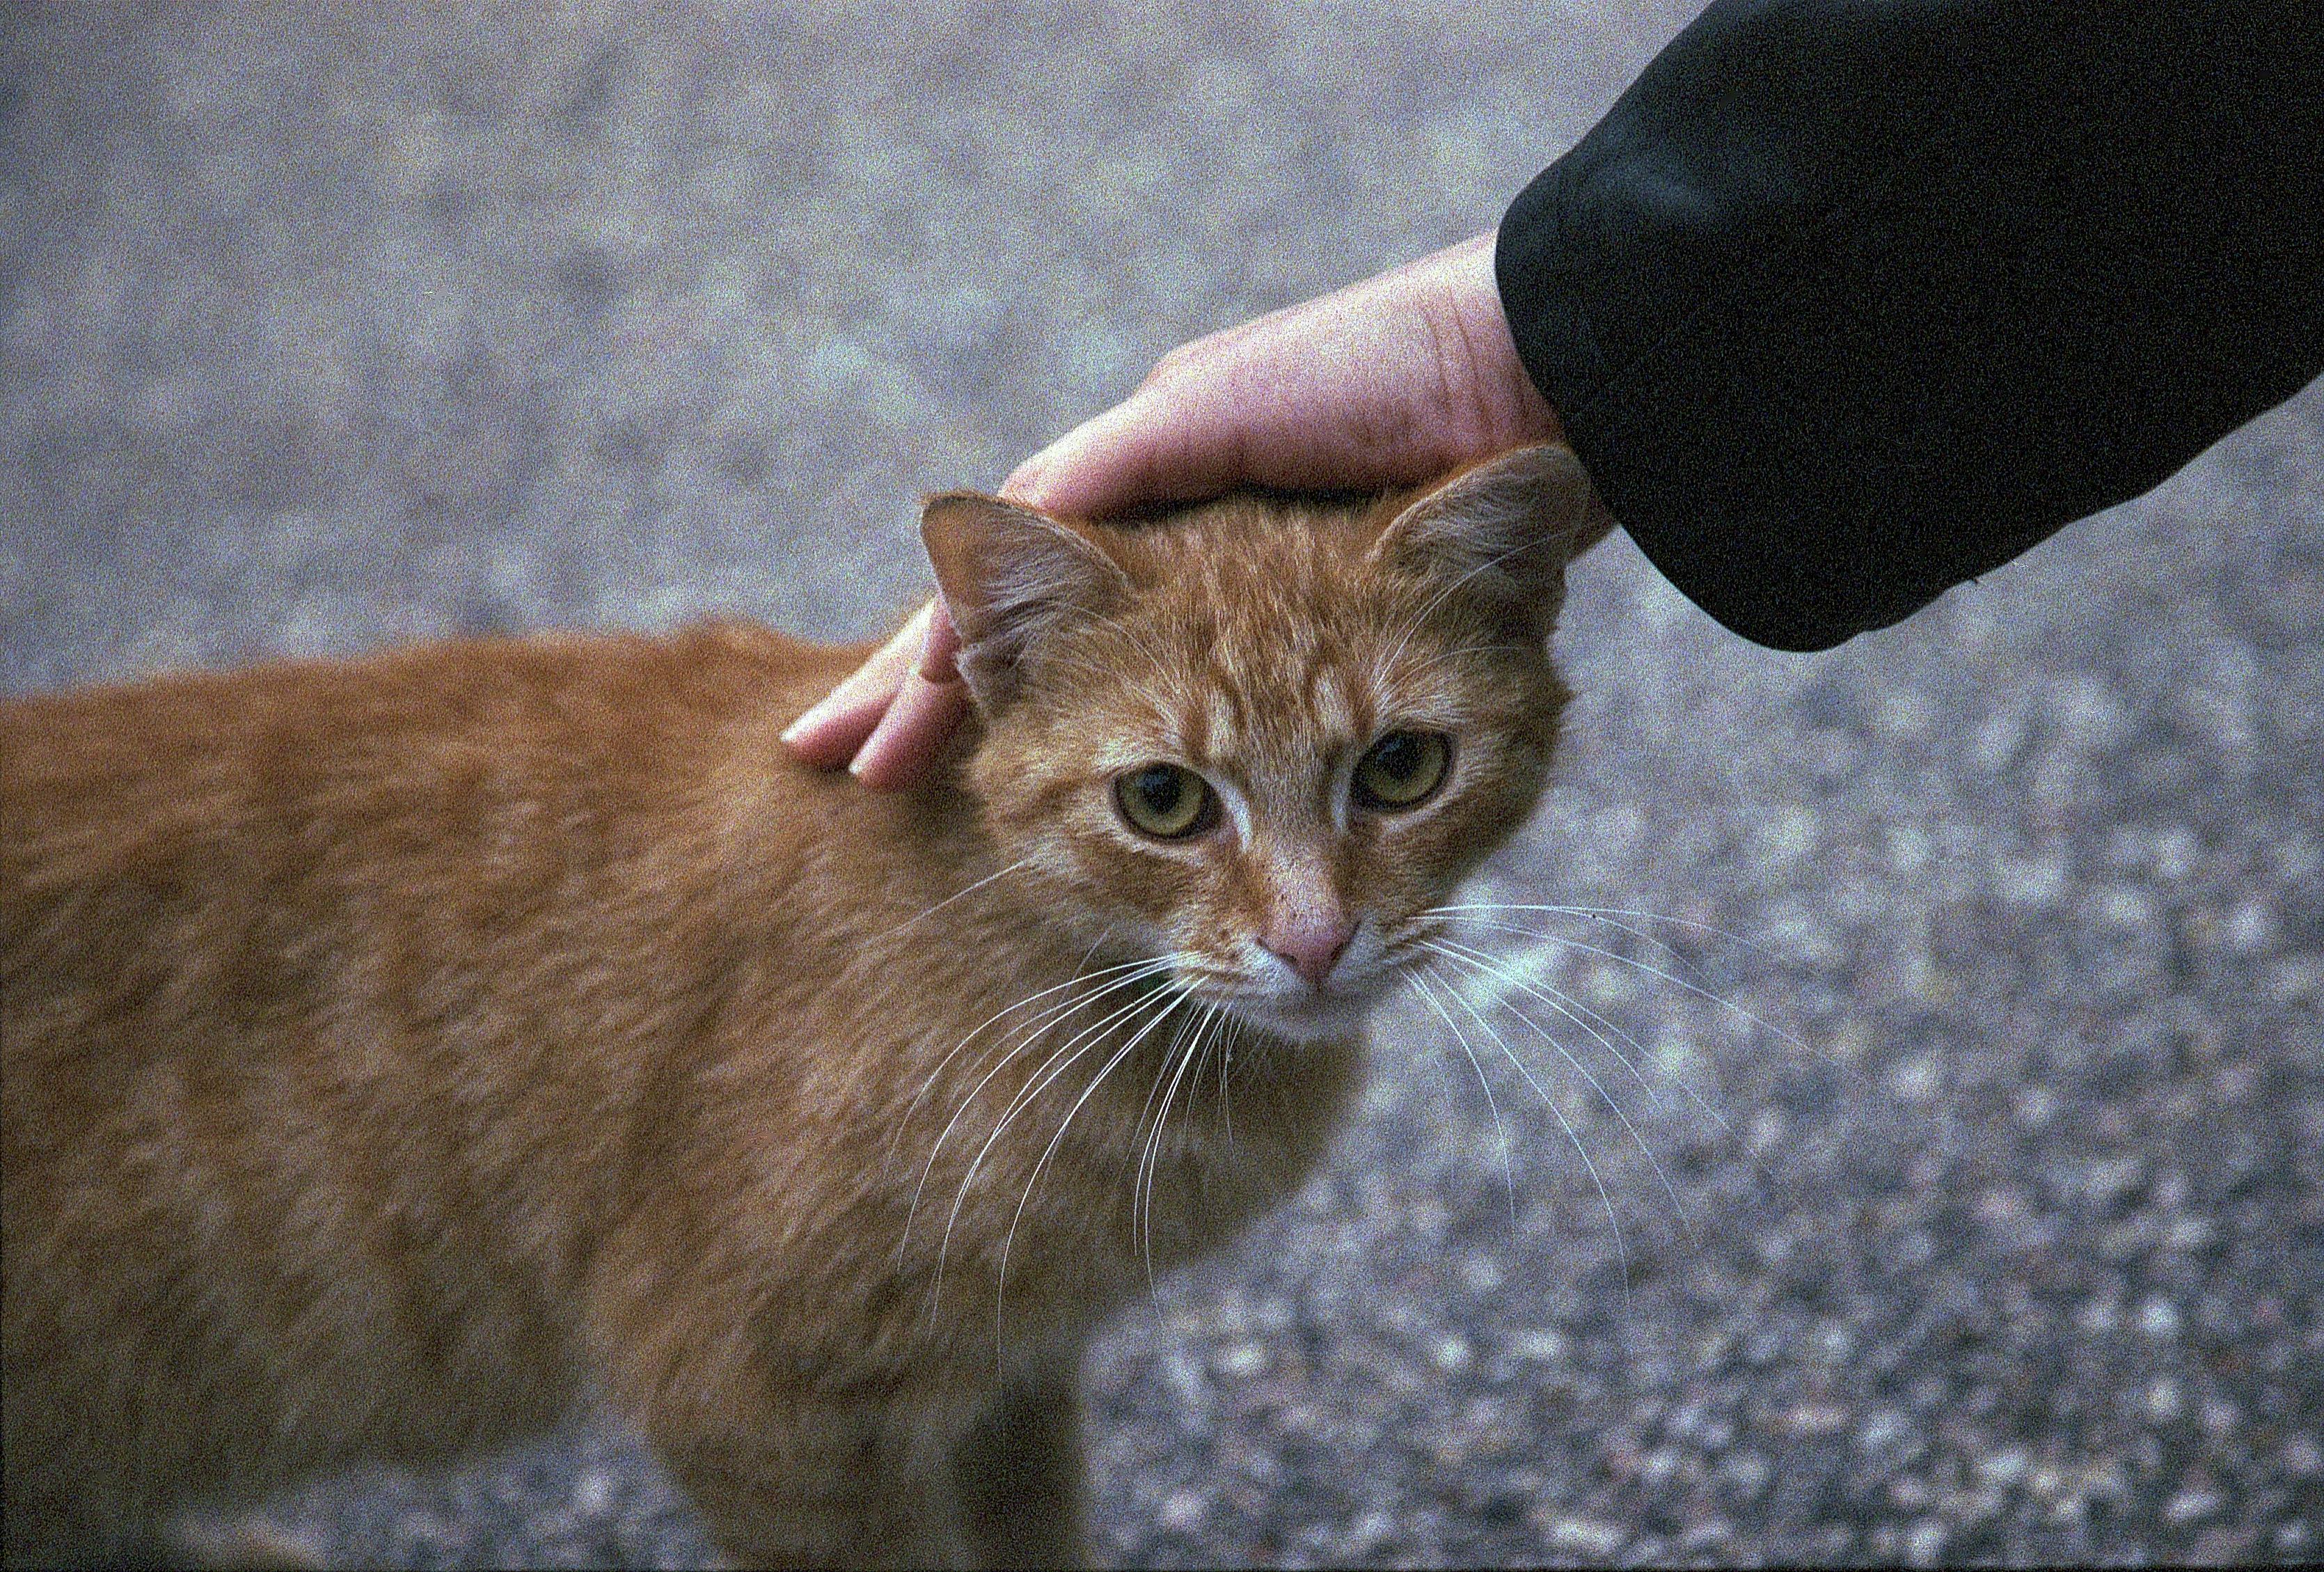 df4eac72ee Fotos gratis : Bokeh, película, cosa análoga, gatito, gato, lente, canon,  fauna, L, bigotes, Eos, vertebrado, serie, 5, muerto, Superia, 1600,  24105l, ...